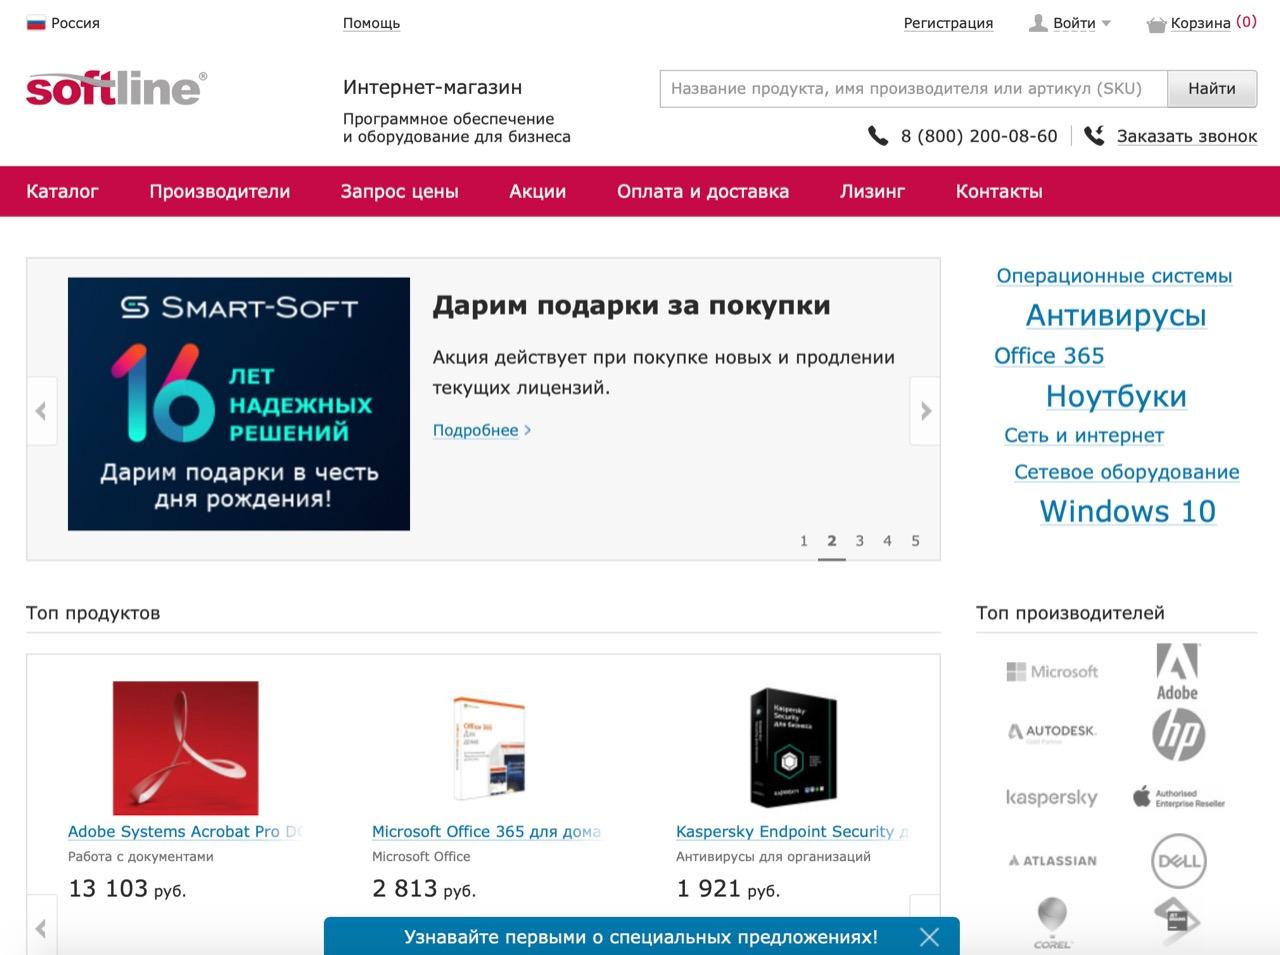 Кейс по интернет магазину программного обеспечения — вывод сайта в лидеры в тематике